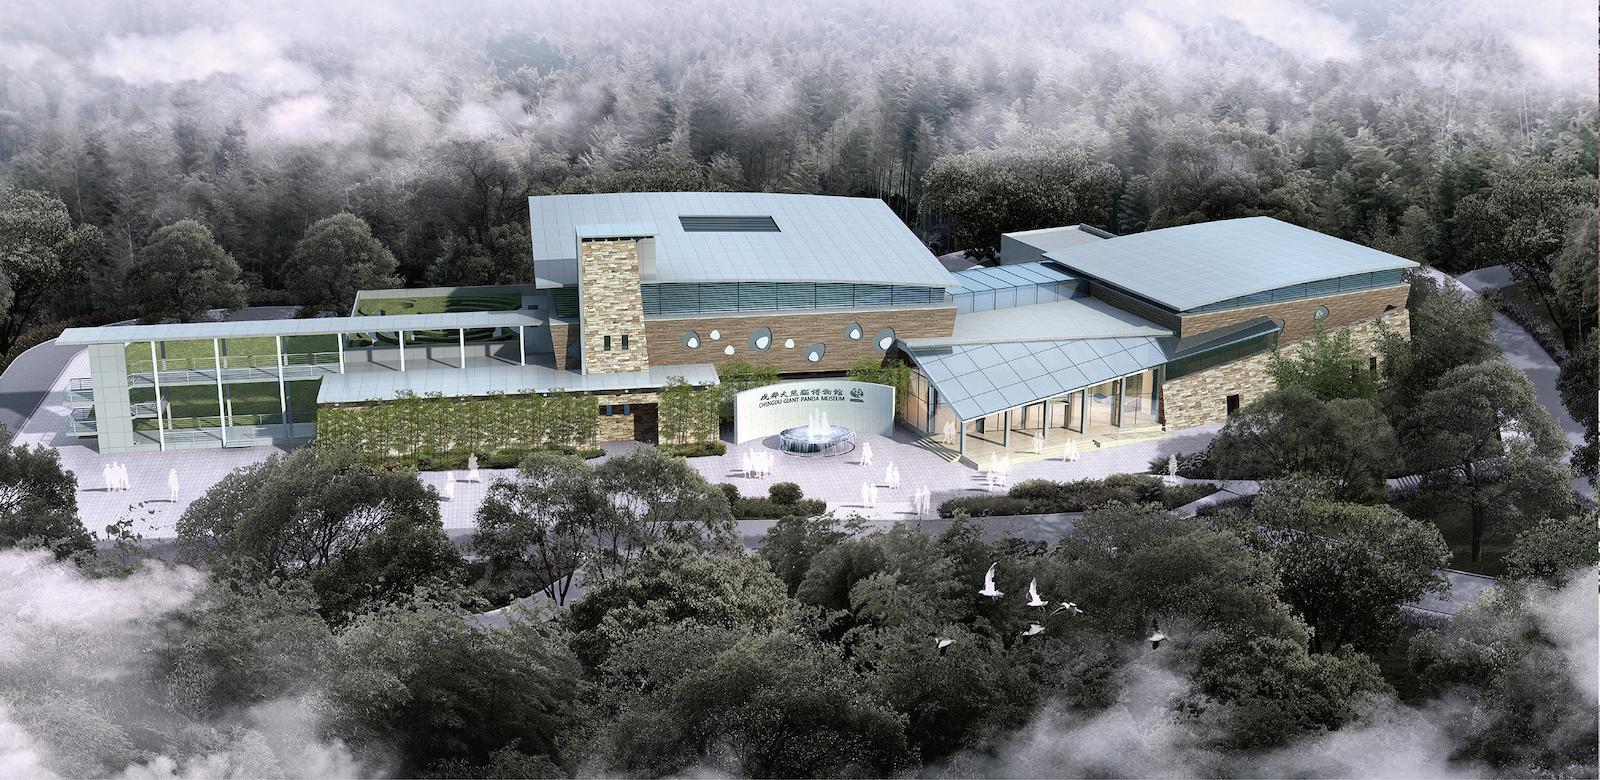 Jora Vision giant panda museum